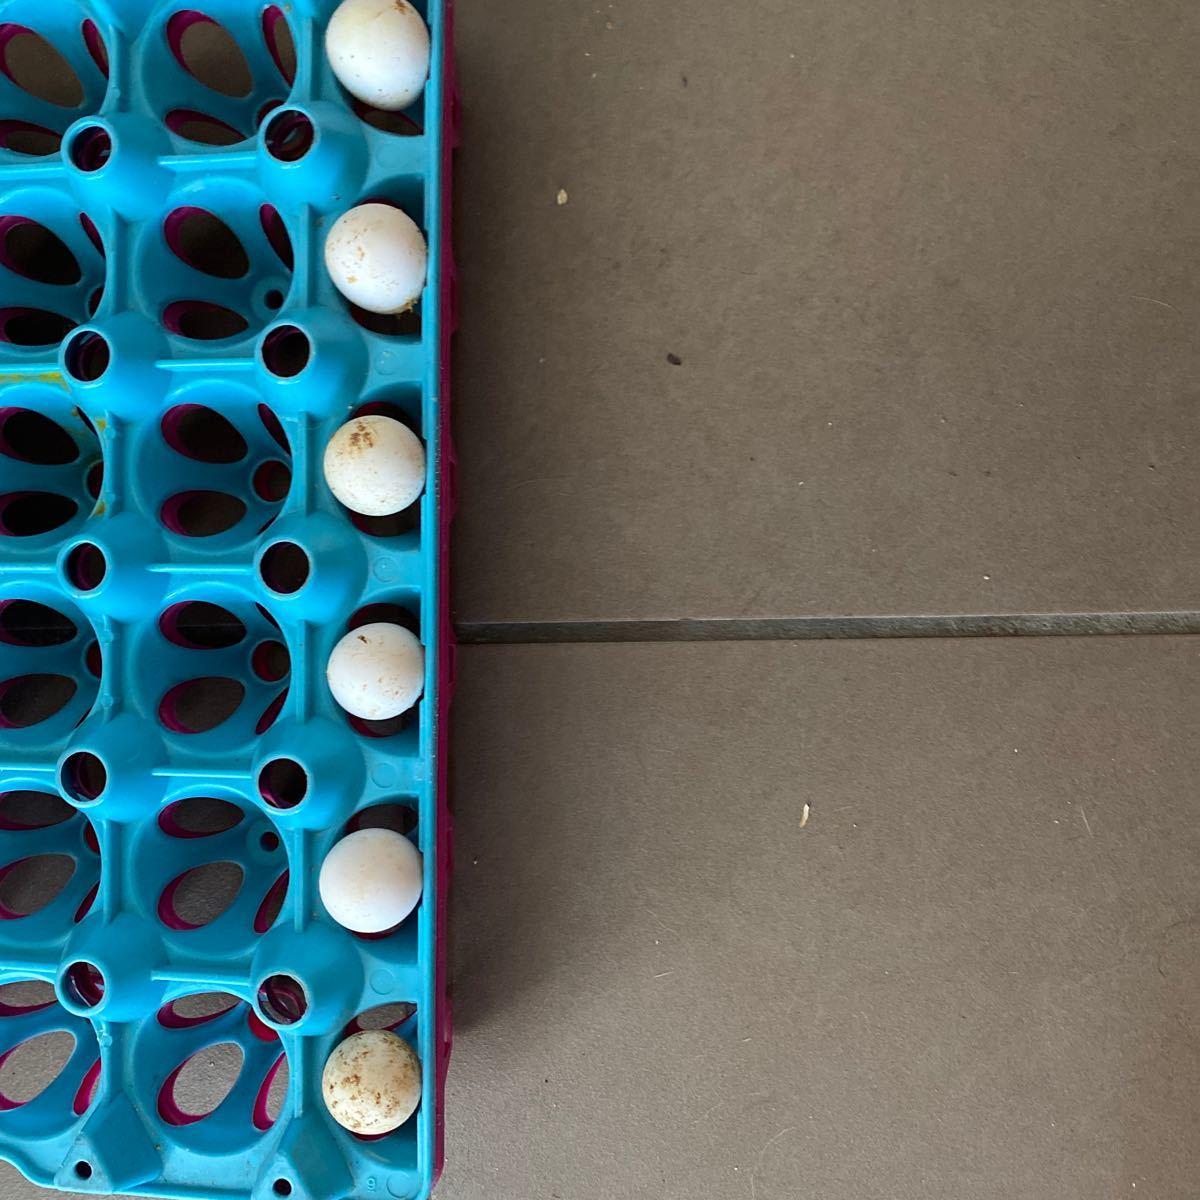 コリンウズラ ボブホワイト 有精卵 種卵 6個_画像1